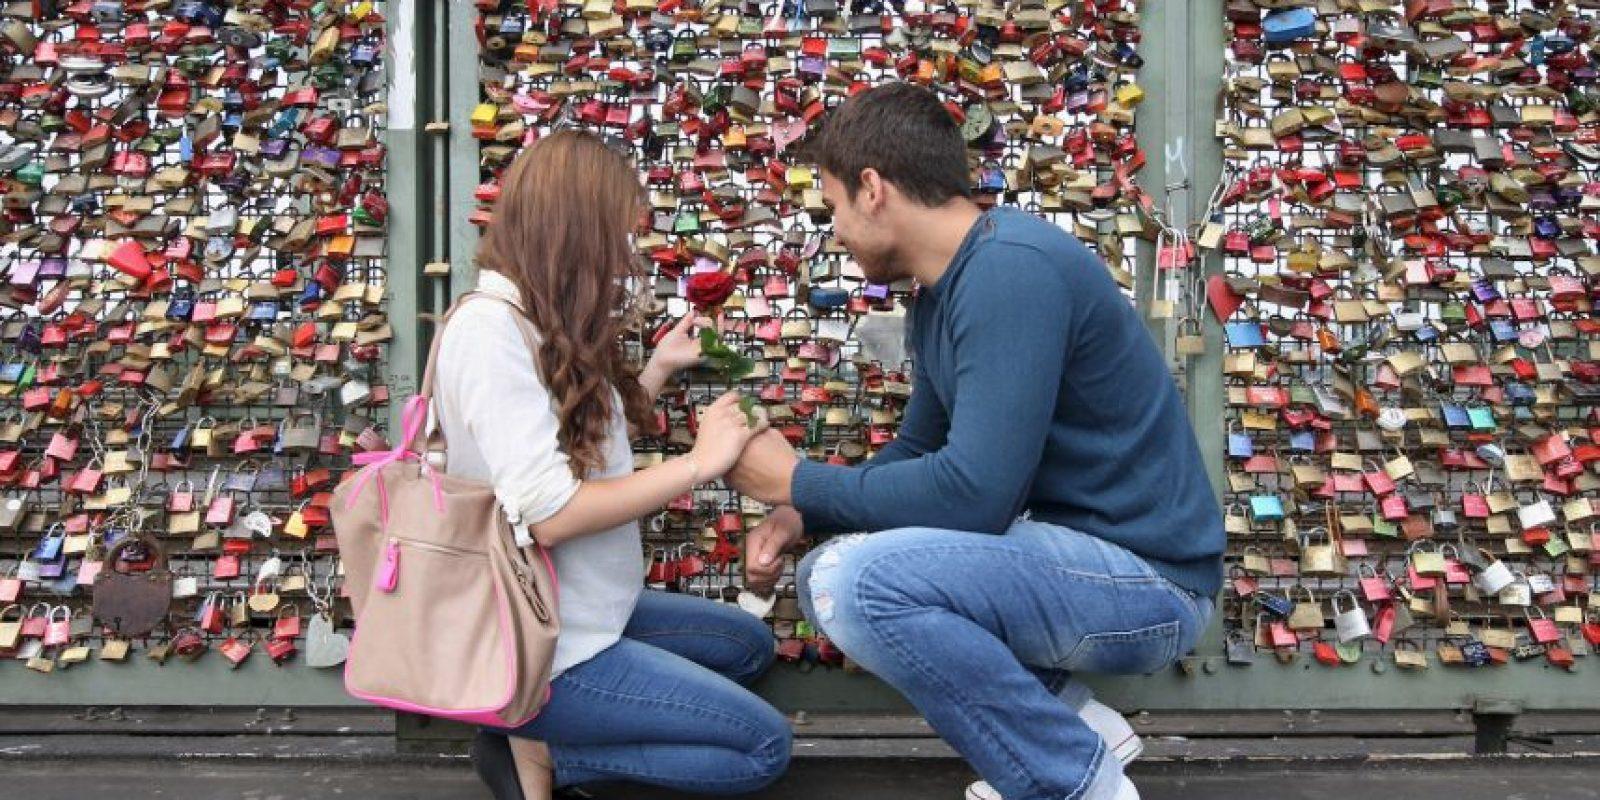 El investigador estadounidense John Gottman menciona que en el amor se permite aceptar la influencia y la asistencia de la otra persona. Esto nos ayudará a descargar nuestras emociones reduciendo los niveles de estrés. Foto:Getty Images